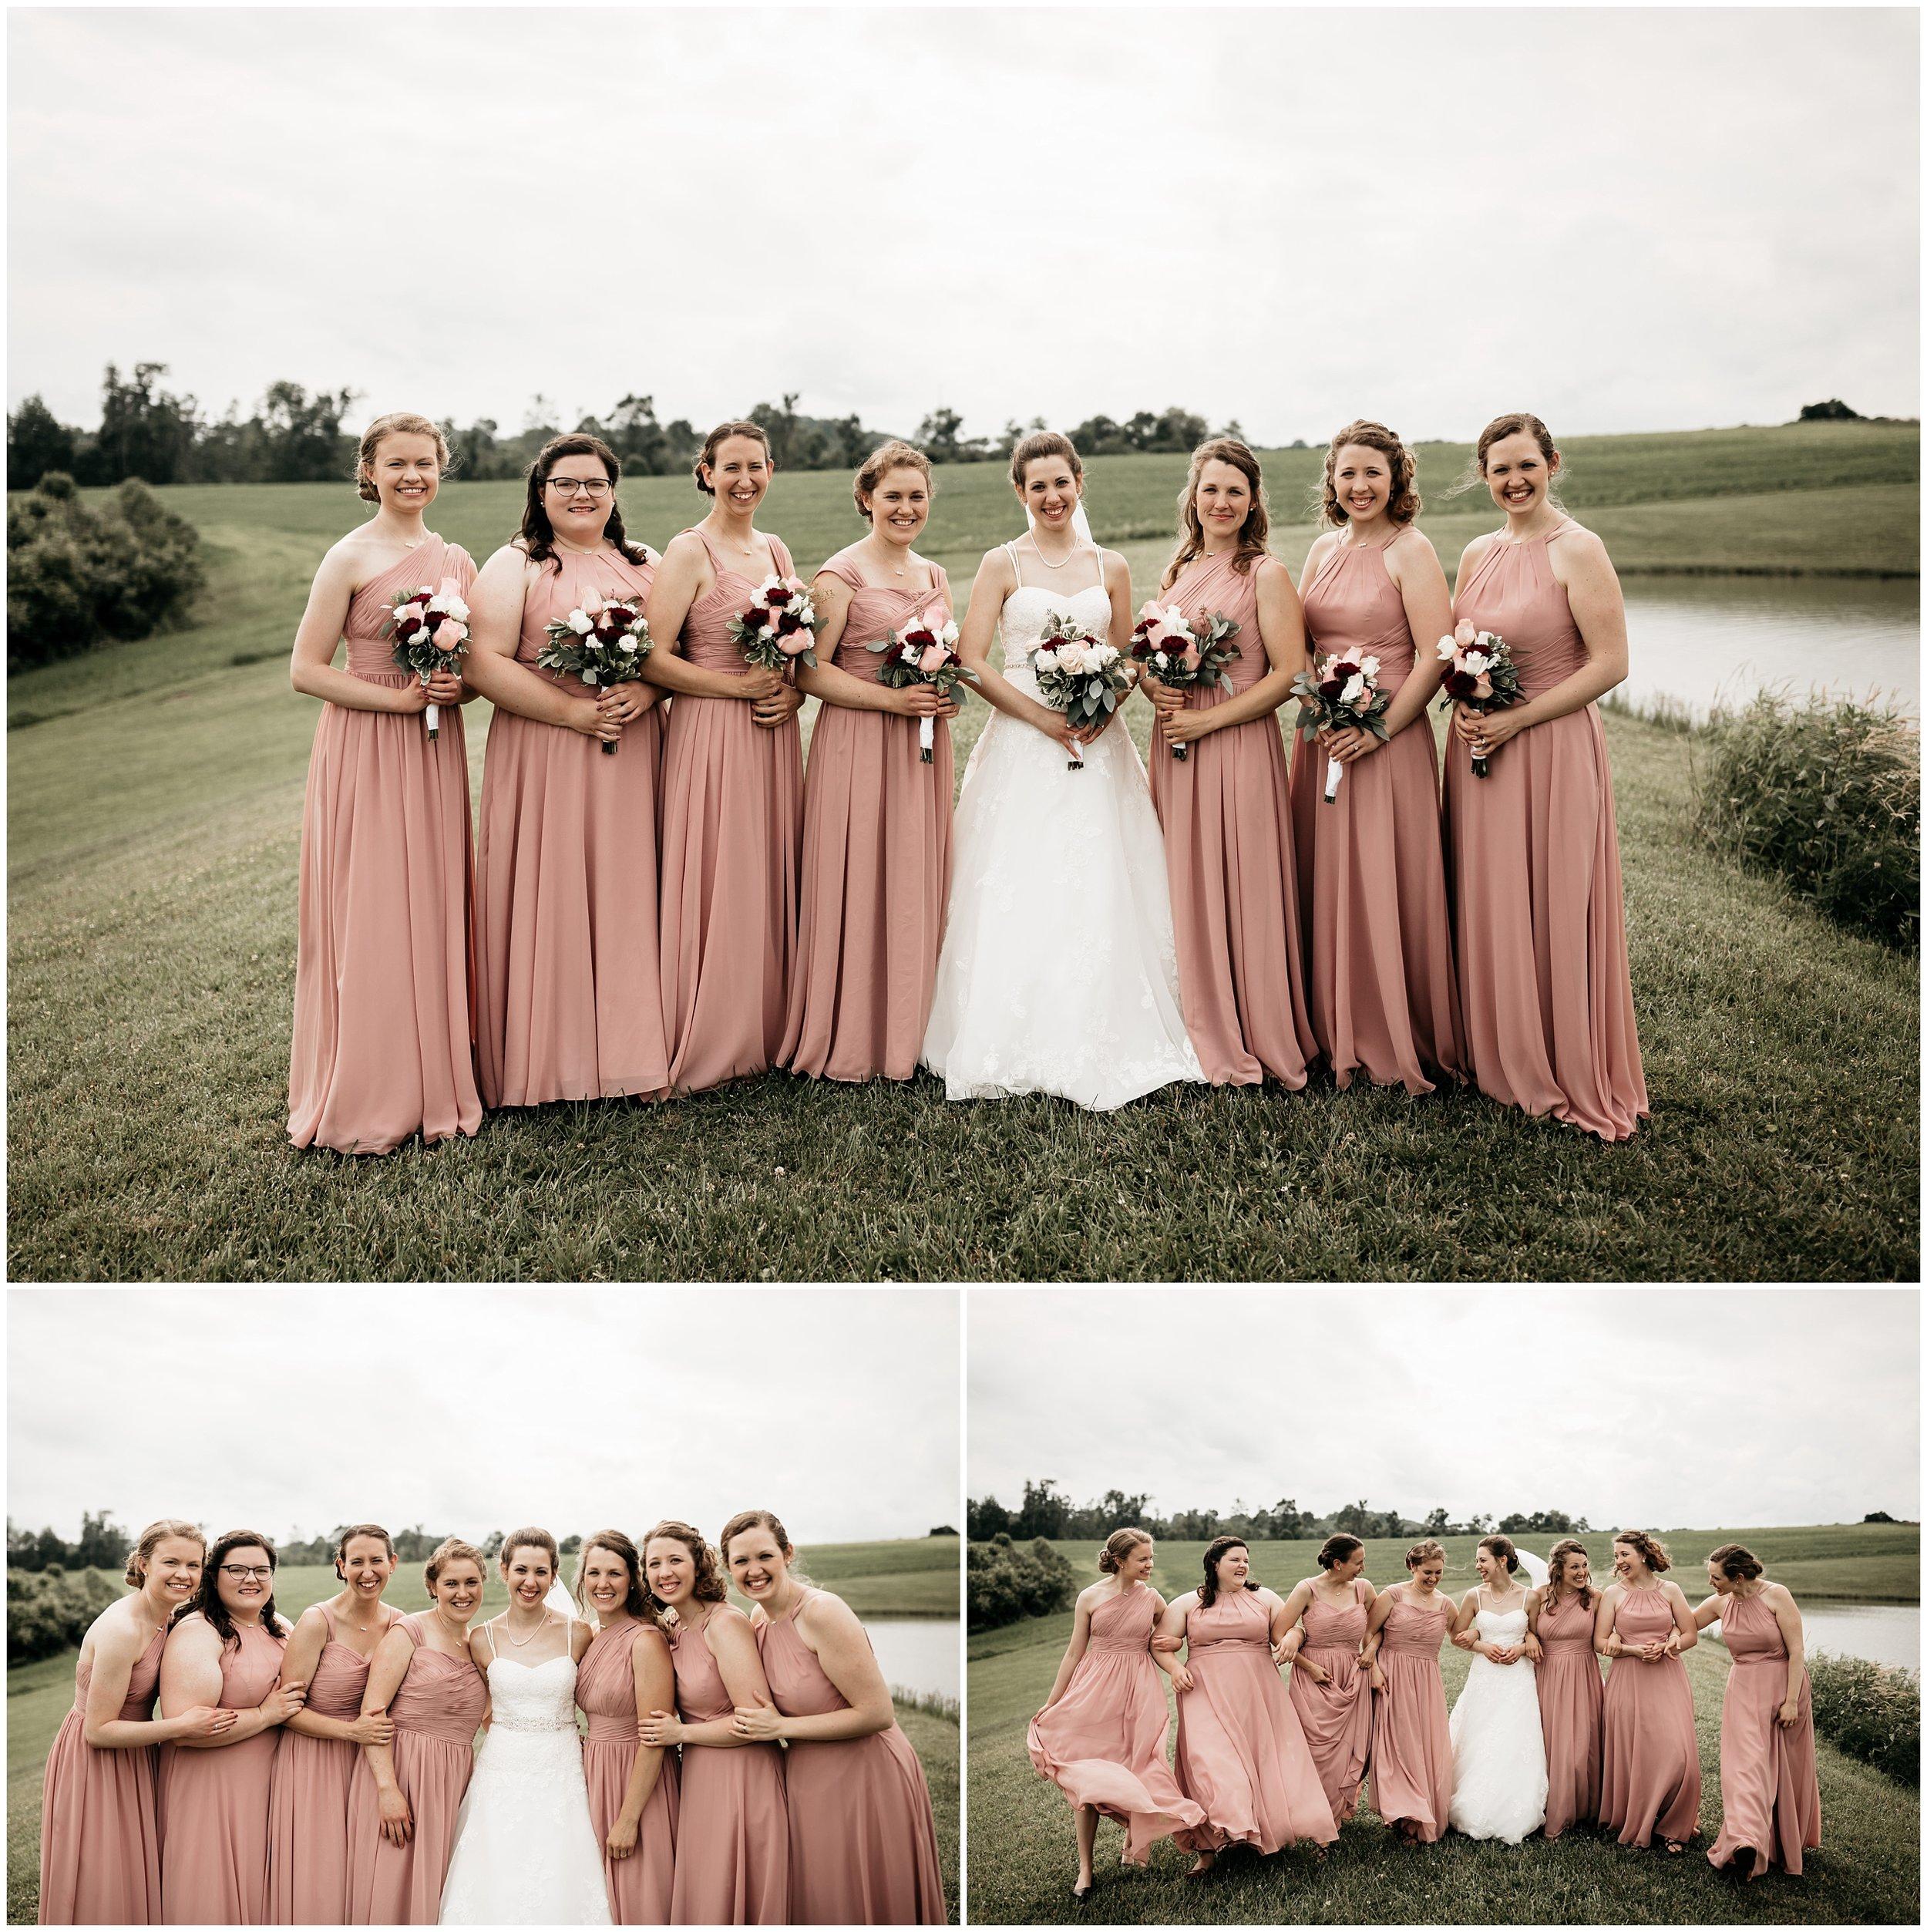 whitebarnprospectweddingphotos_0013.jpg